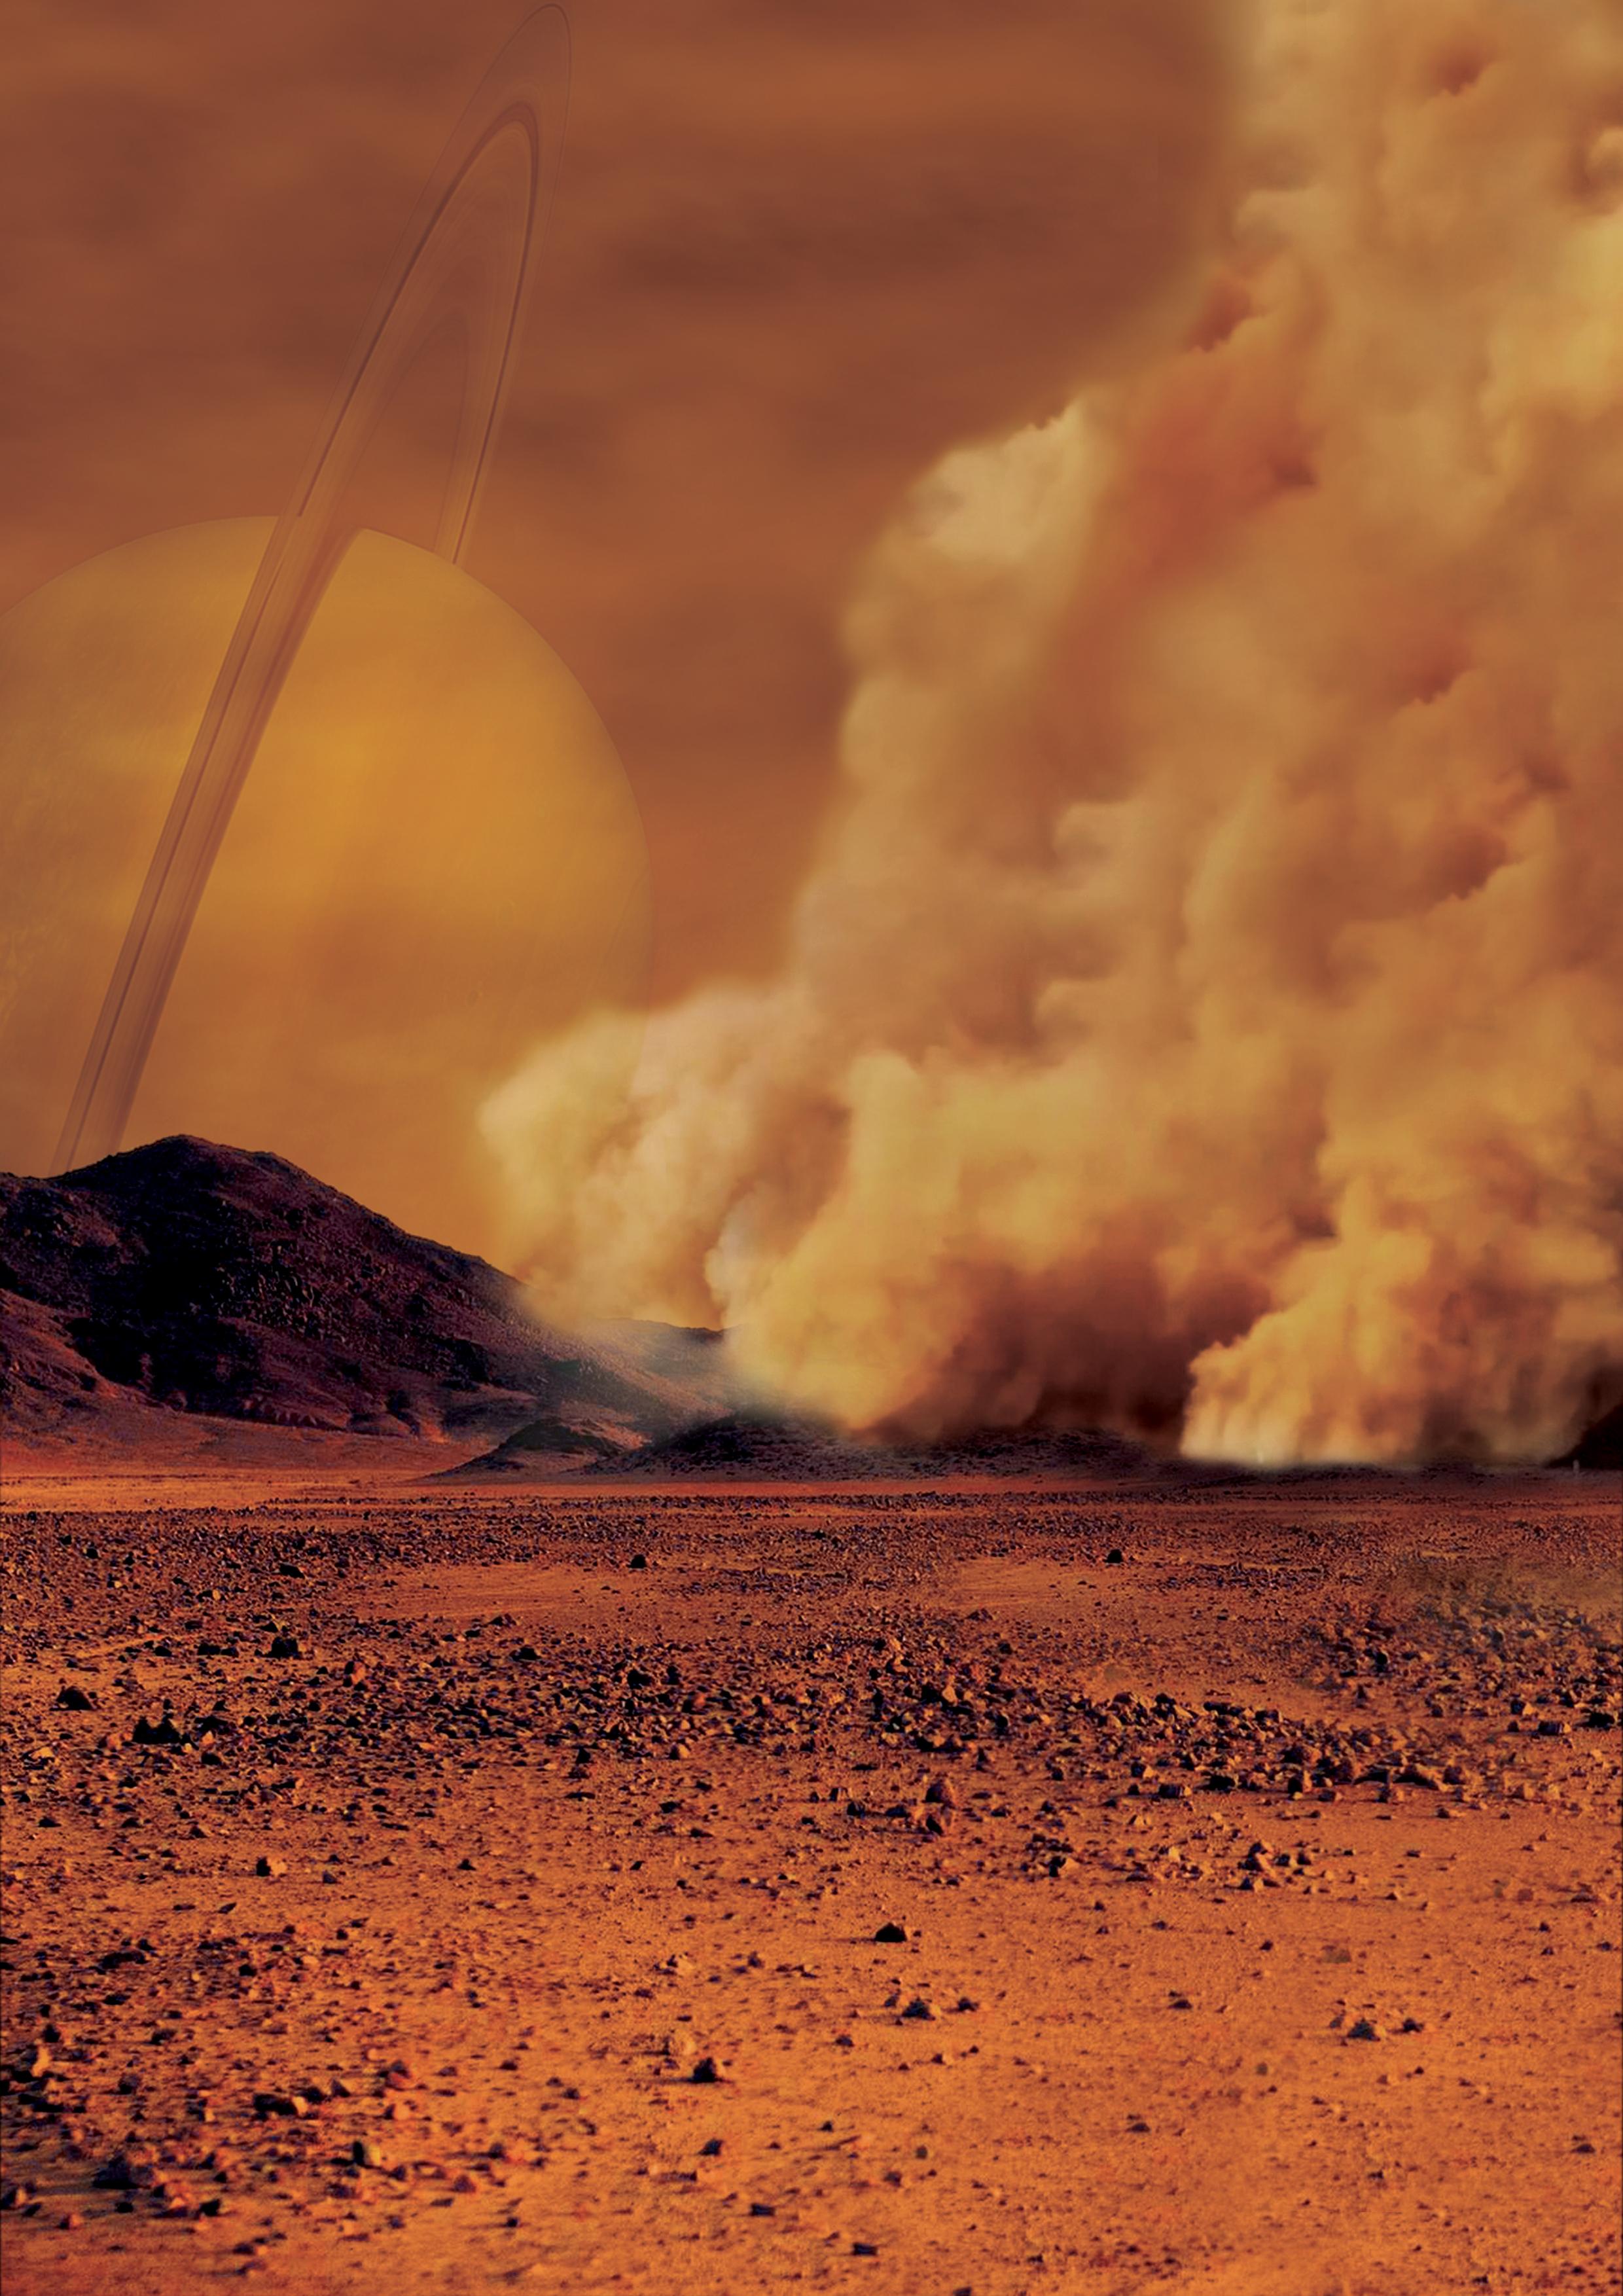 1567213873748-ESA_Cassini_Titan_Dust_Storm.jpg